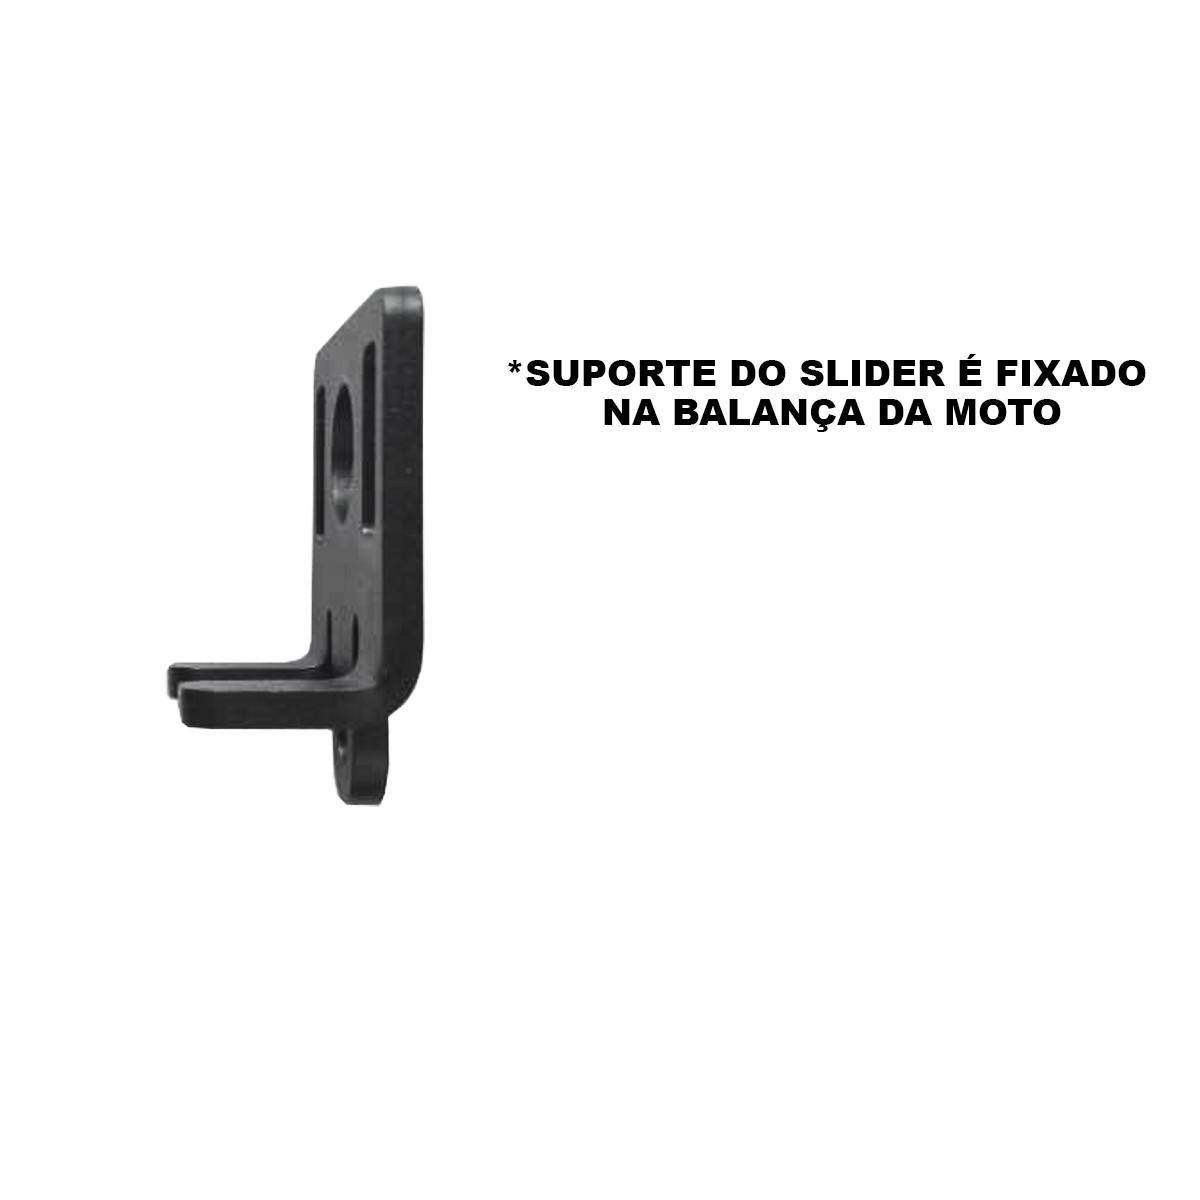 Slider traseiro fazer 150 2013 2014 2015 2016 2017 2018 balança yamaha gp2 edition